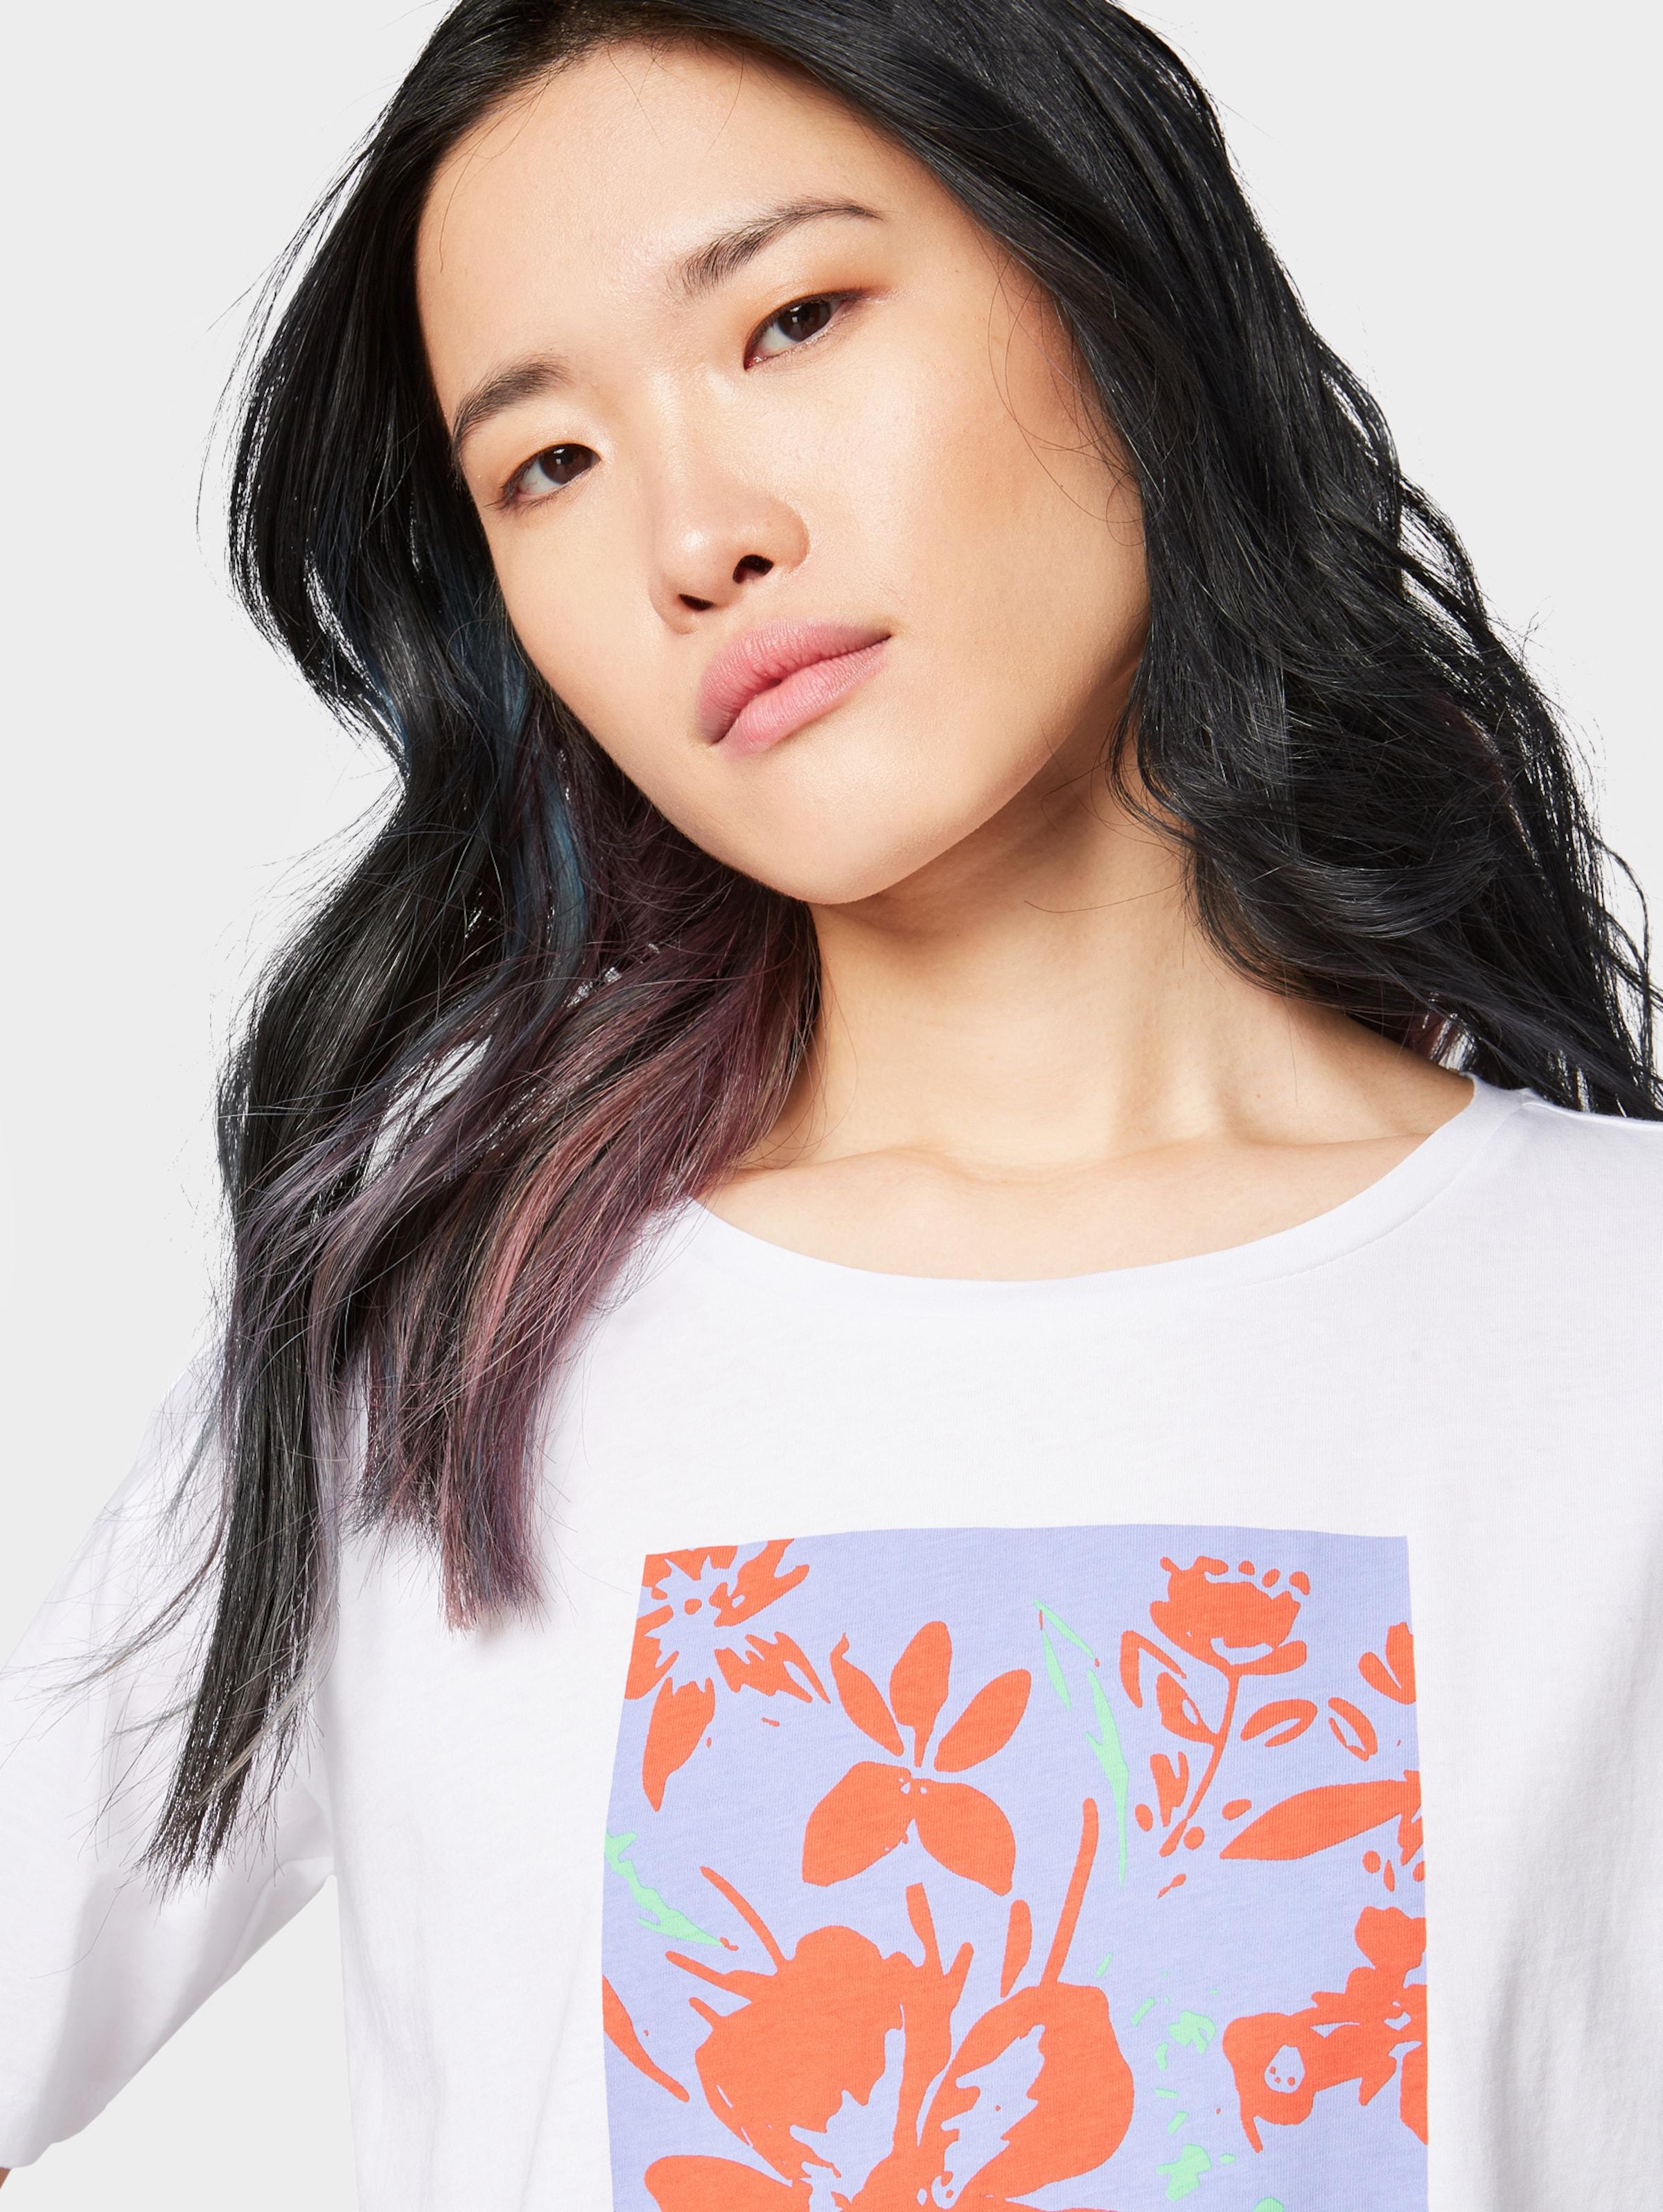 Tailor Weiß In T Denim shirt BlauLimette Orangerot Tom yYbg7vIf6